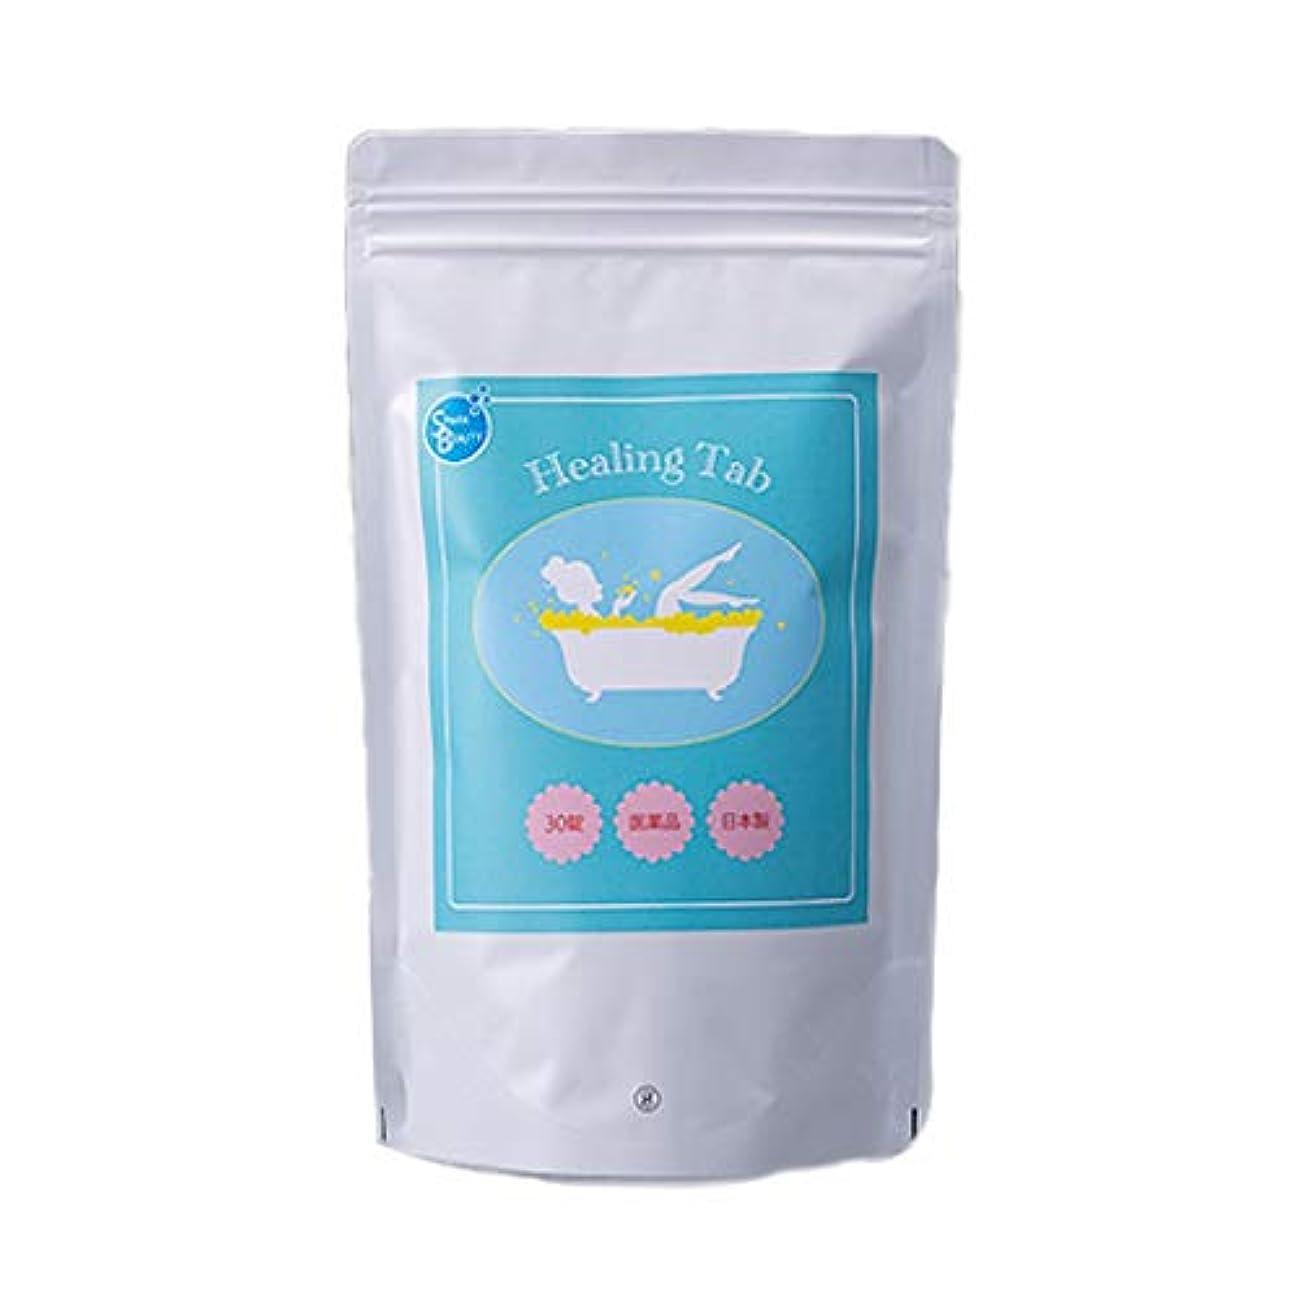 Pure Healing公式 重炭酸タブレット スパークビューティヒーリングタブ 炭酸 入浴剤 炭酸浴 炭酸泉 自宅 炭酸風呂 炭酸タブレット ヒーリングタブ